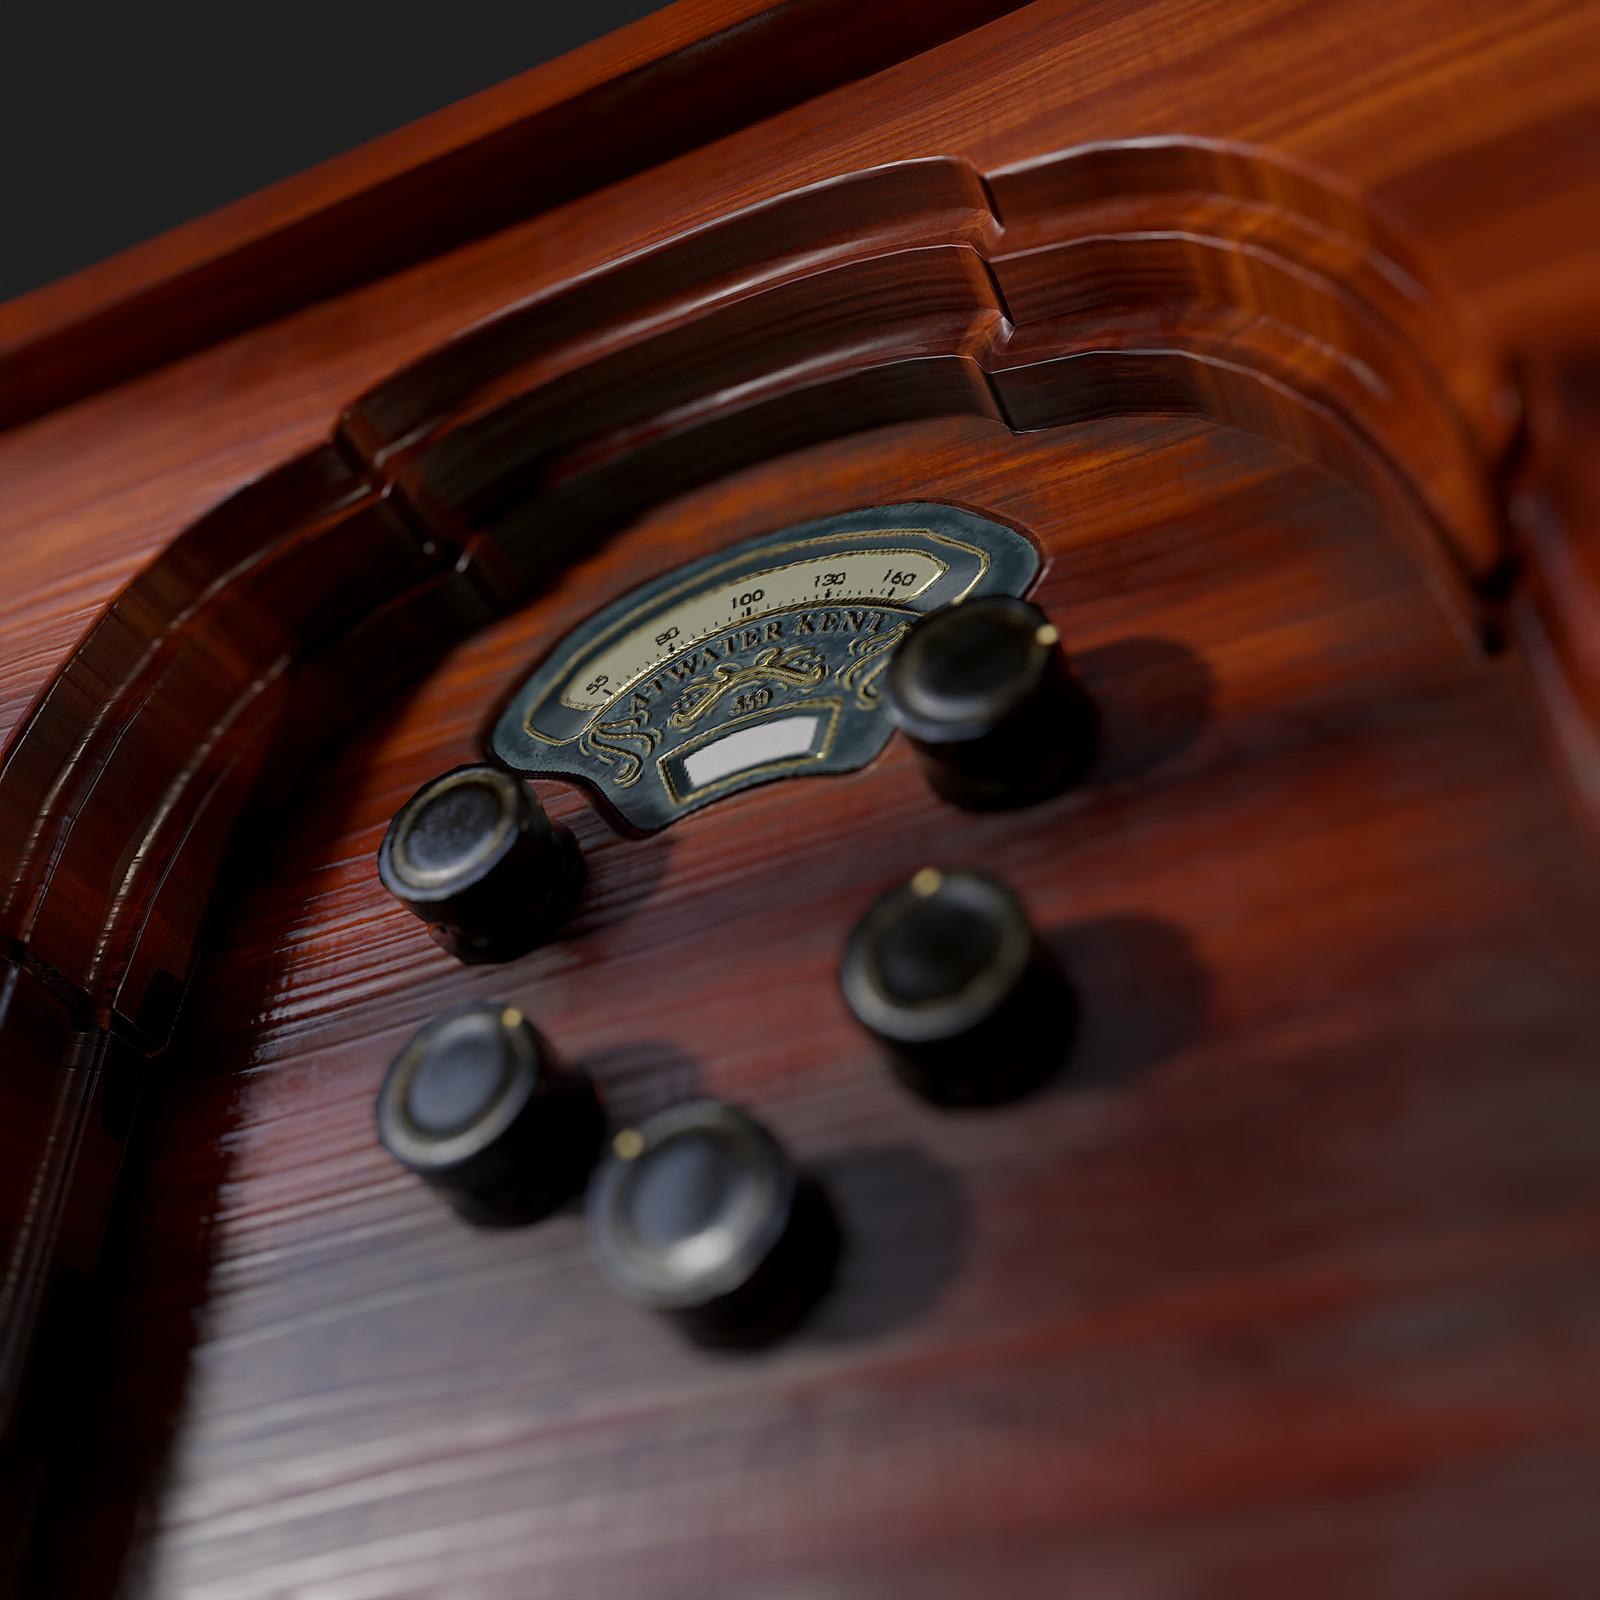 Atwater Kent vintage radio